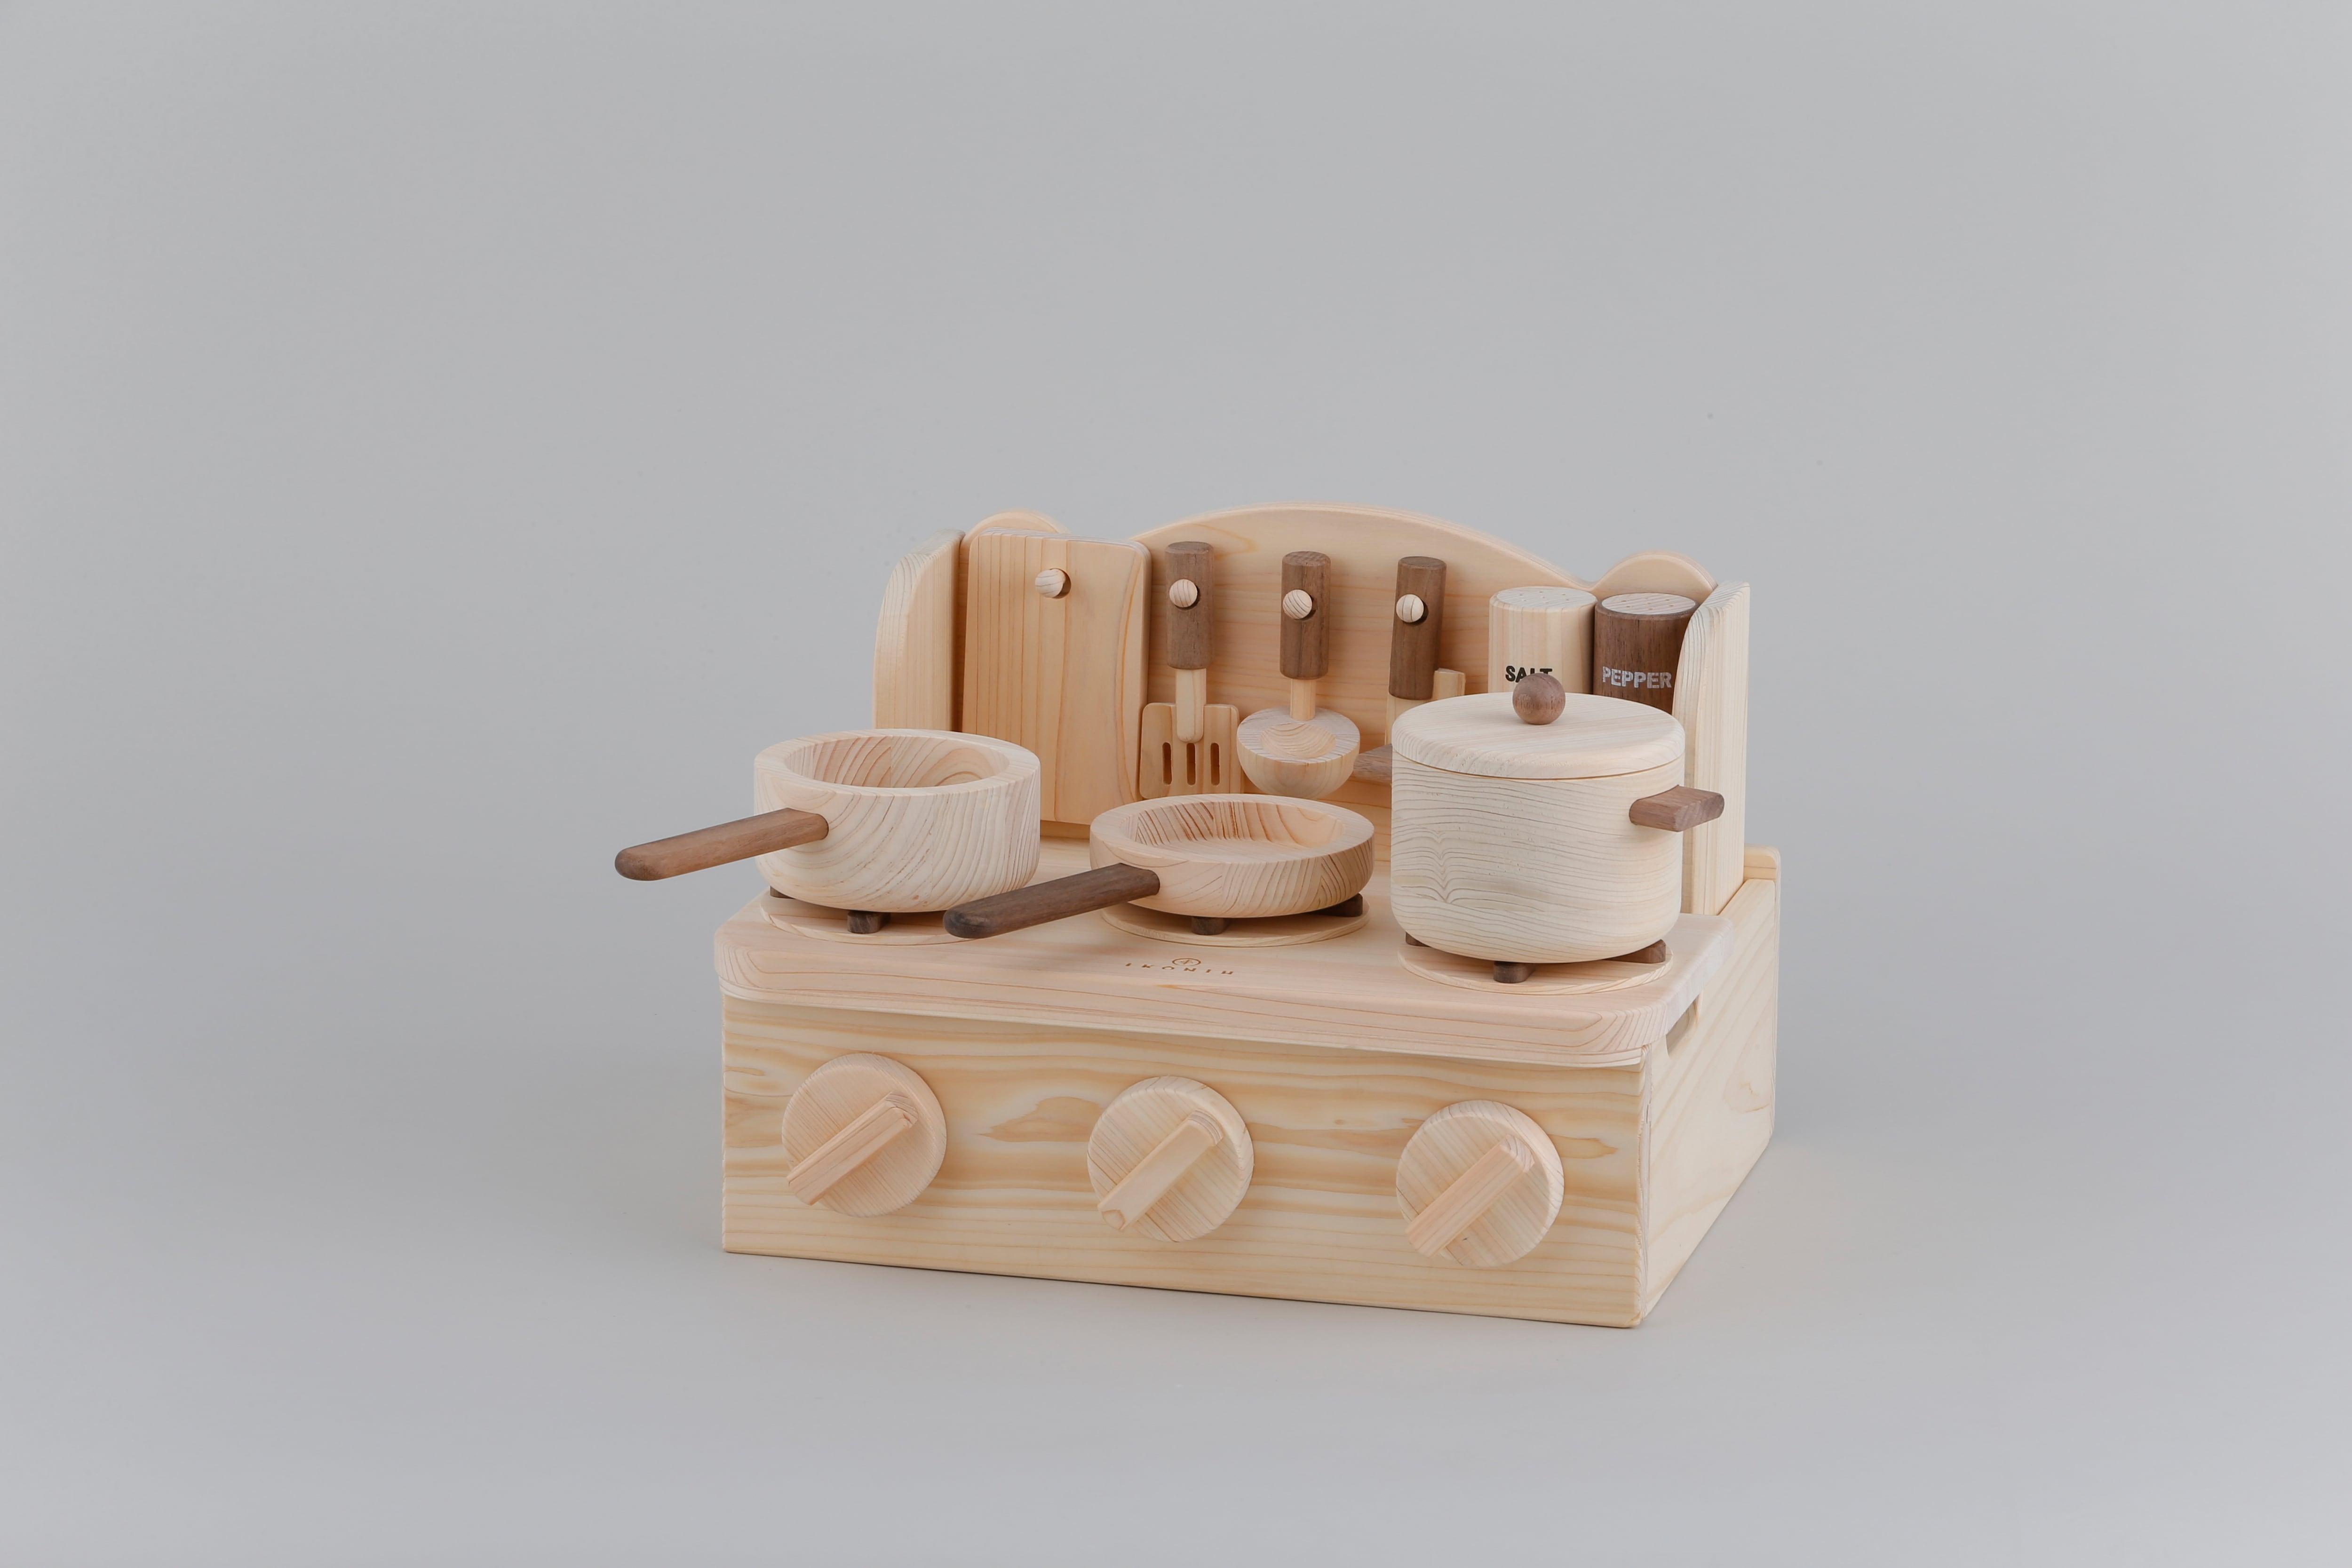 ミニキッチン MINI KITCHEN ※送料無料    木のおもちゃ 誕生日祝い ままごとキッチン